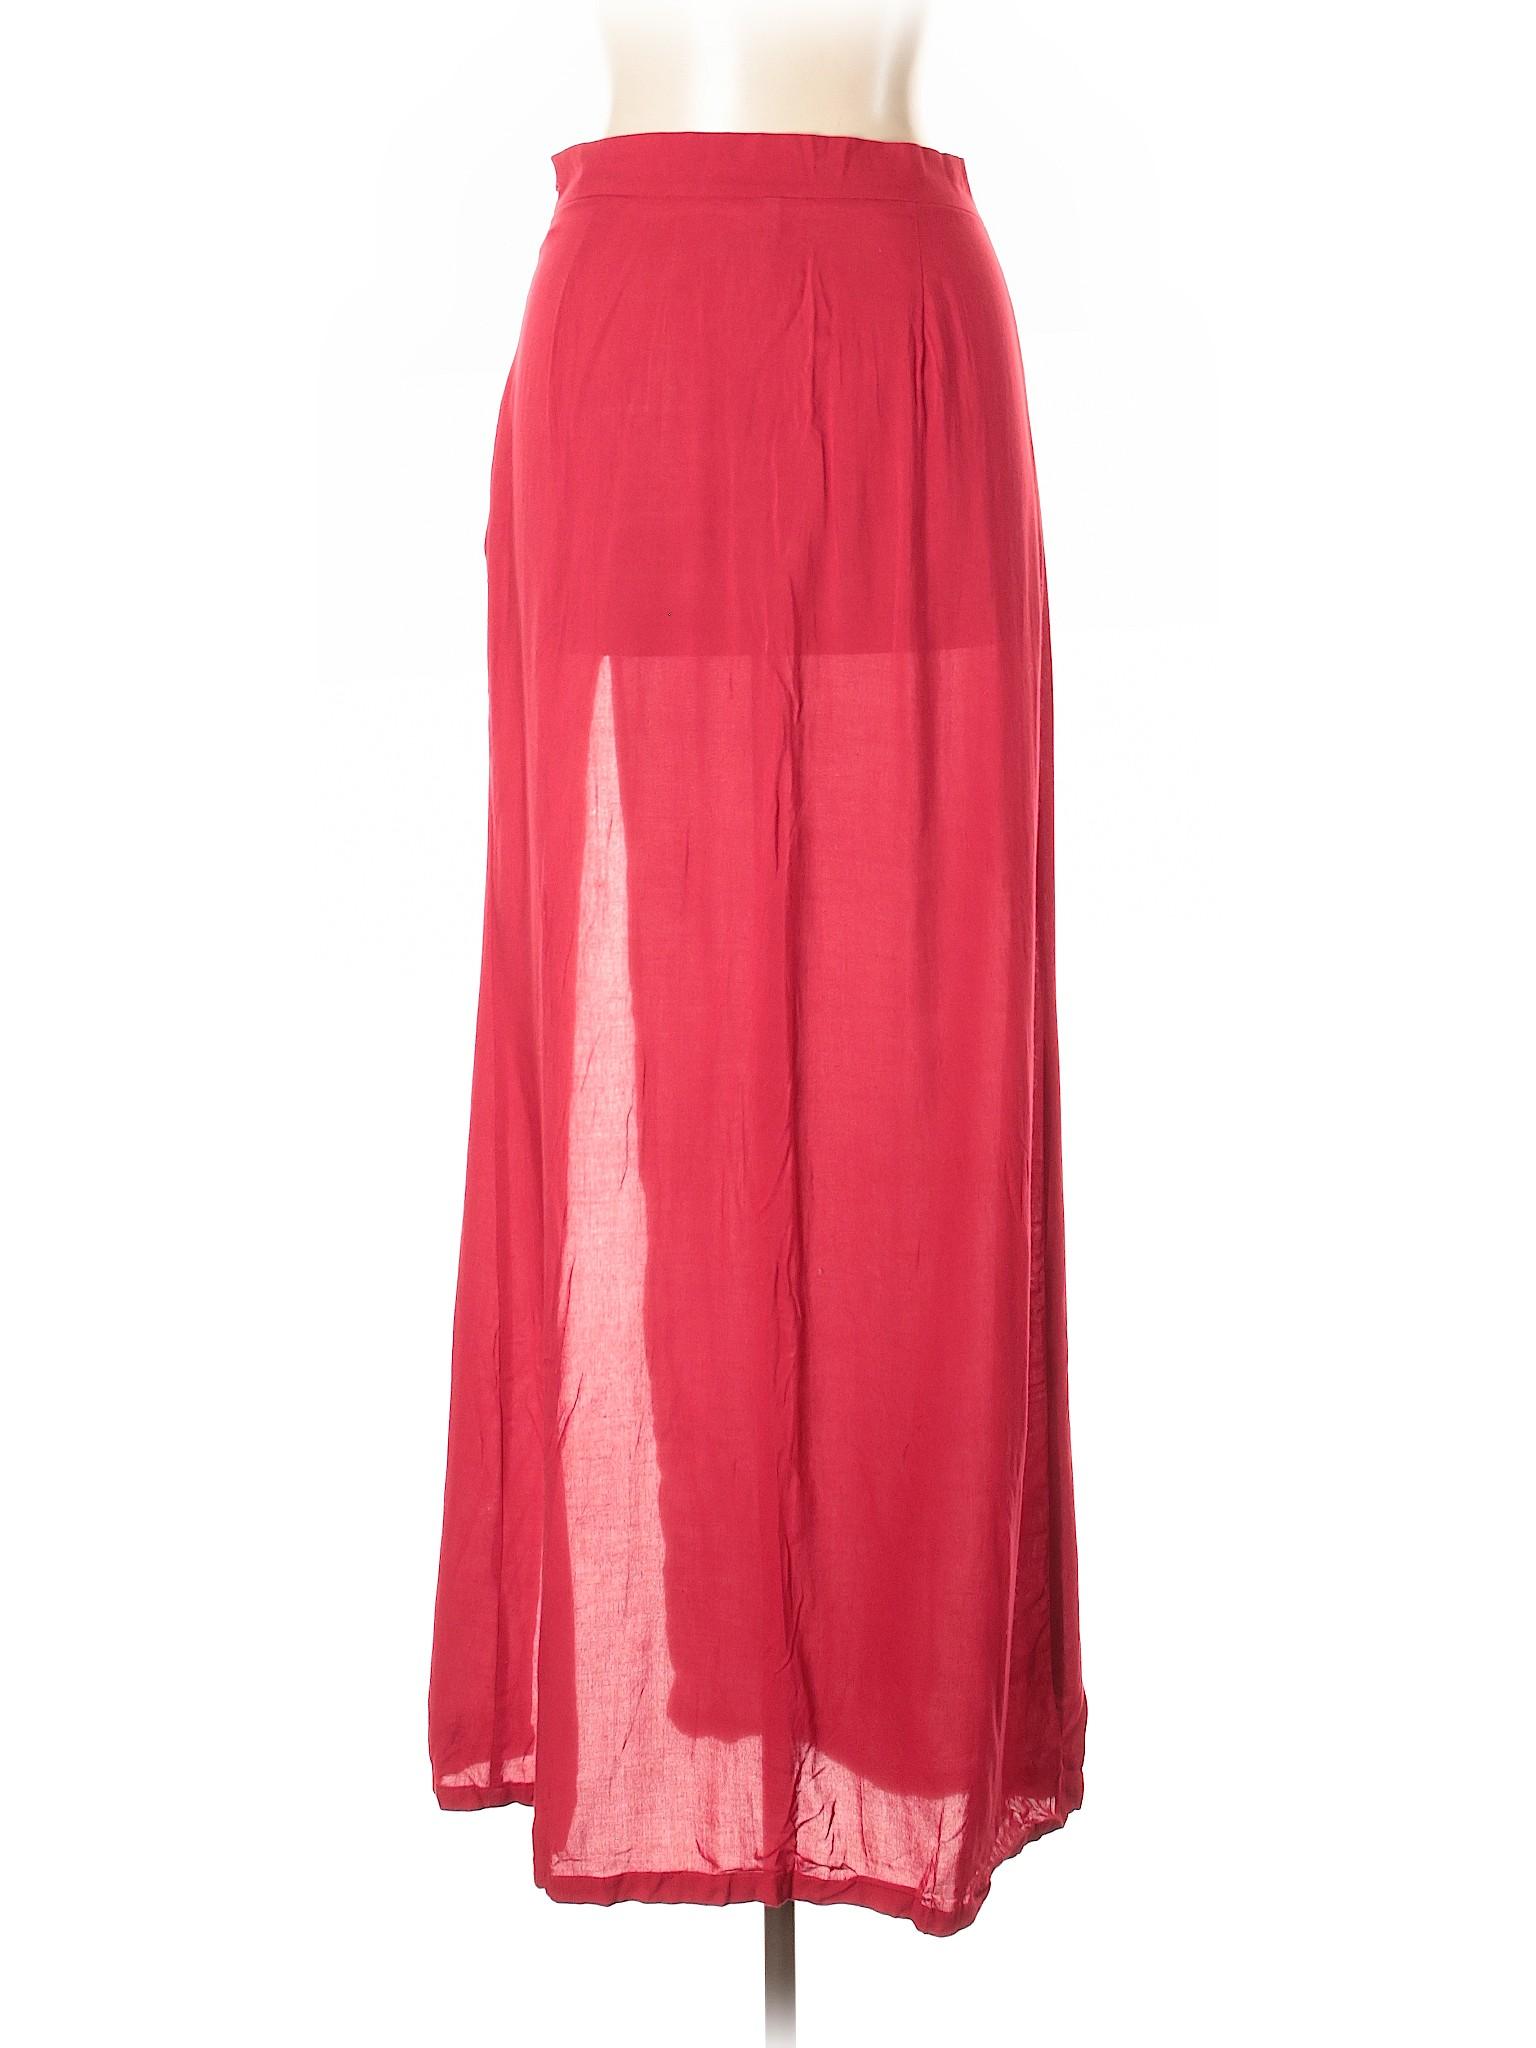 Lulu's Casual Lulu's Boutique Casual Lulu's Skirt Skirt Boutique Casual Boutique T0wqwRH68